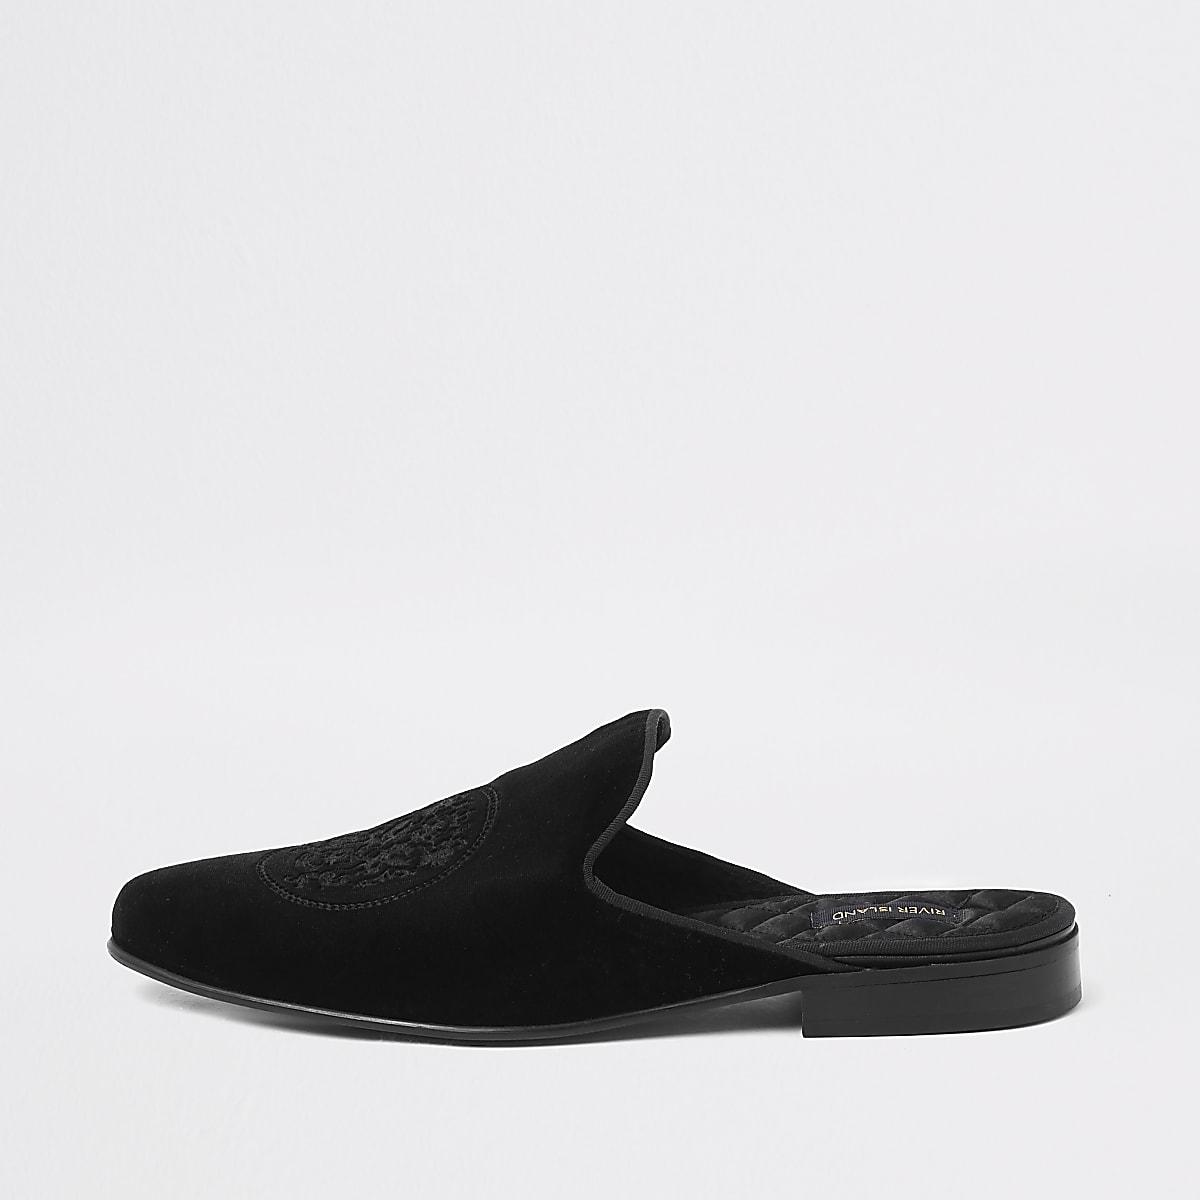 Mocassins mules noirs en velours brodé